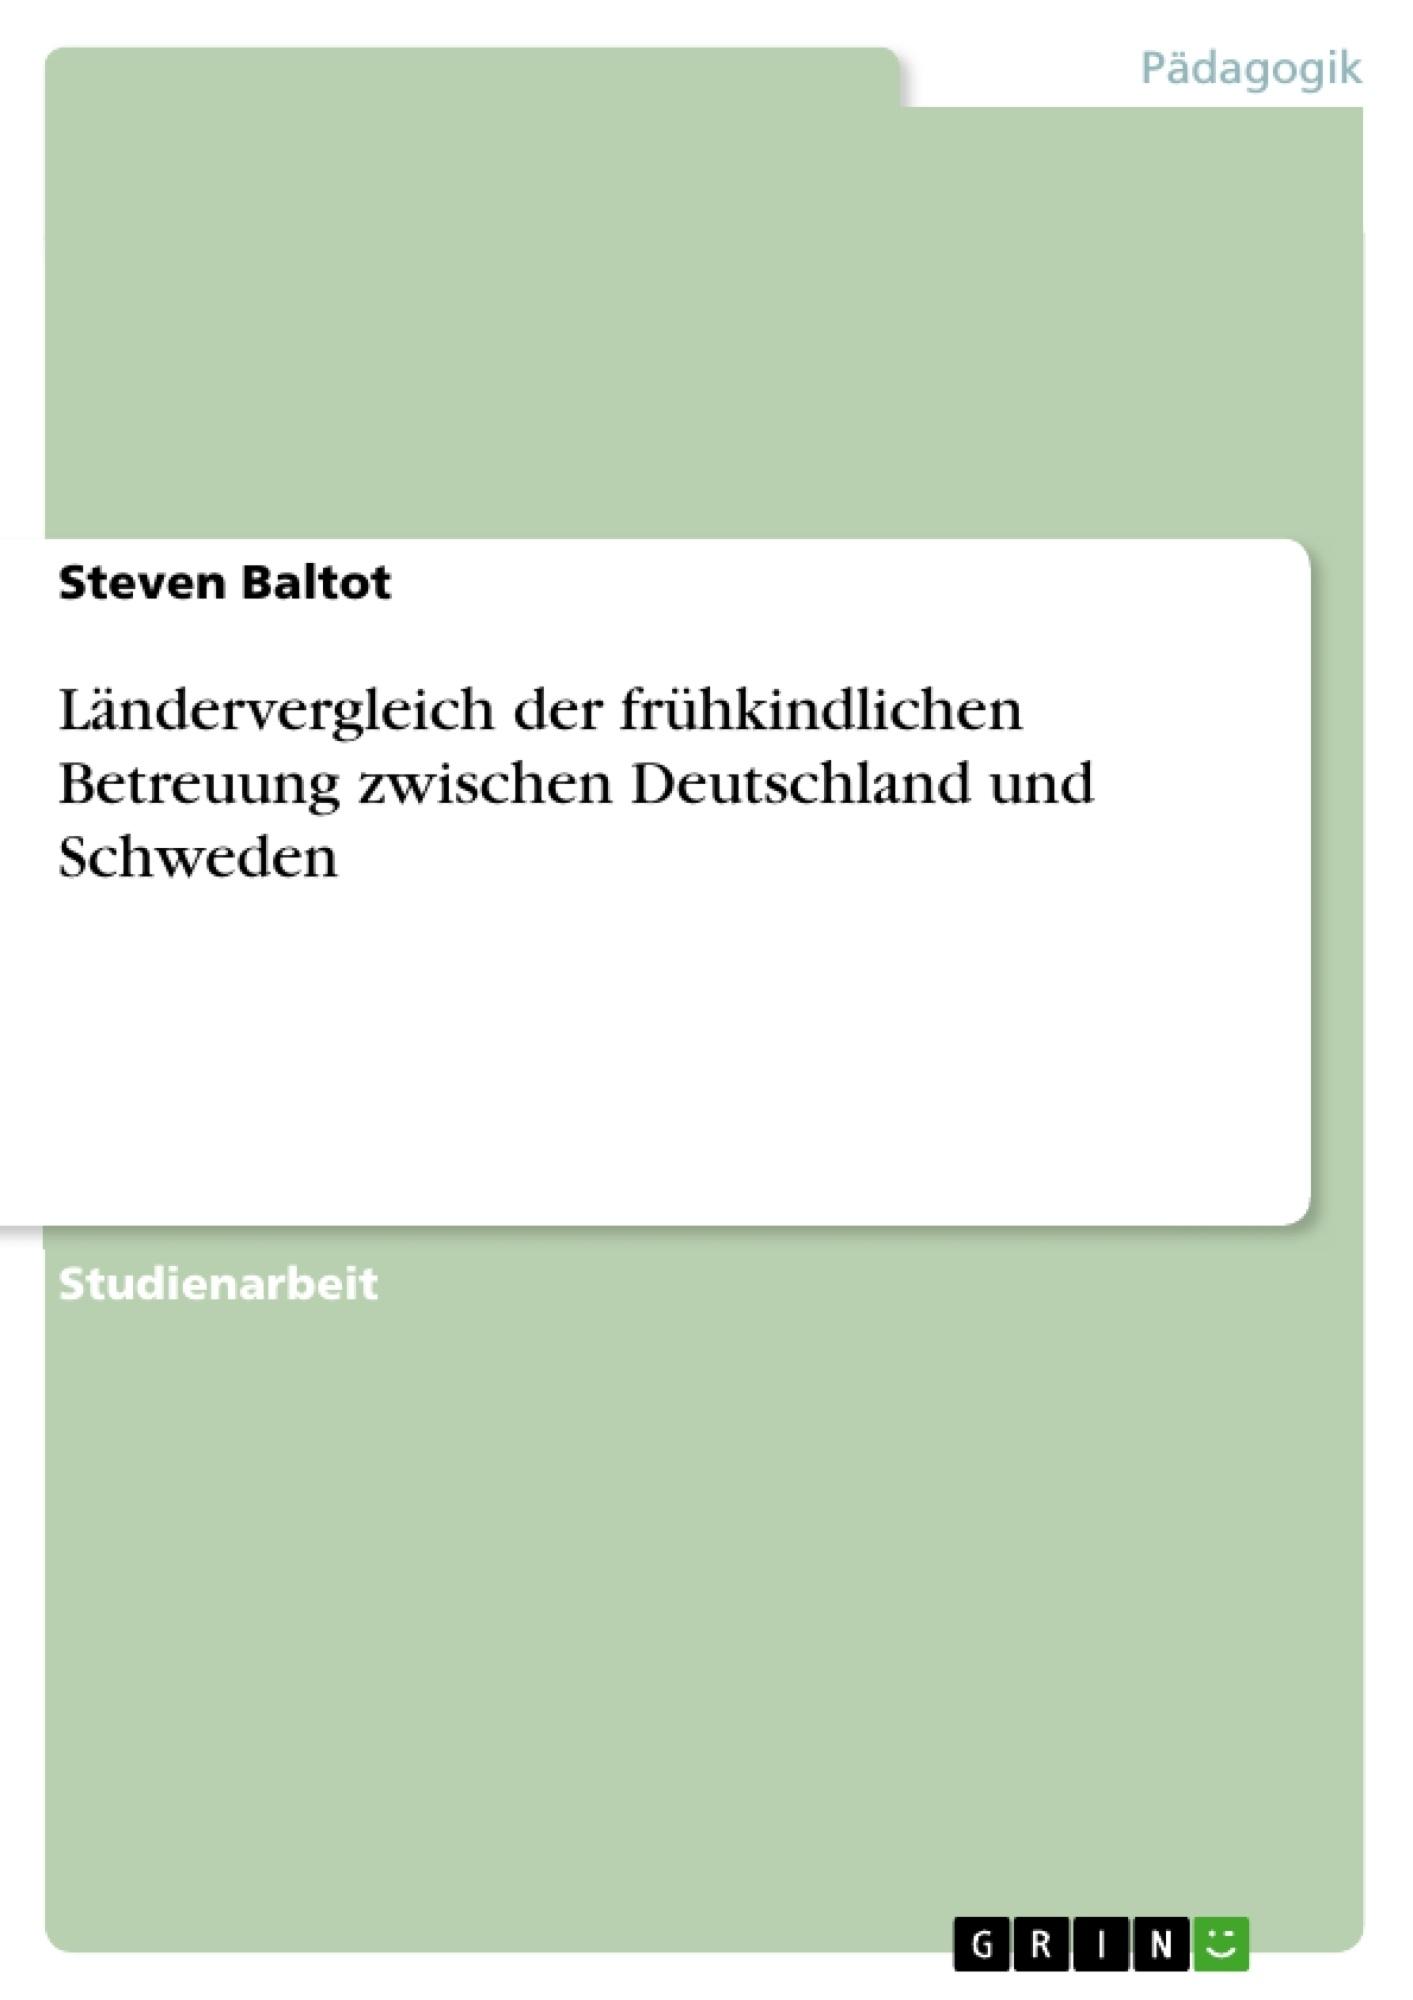 Titel: Ländervergleich der frühkindlichen Betreuung zwischen Deutschland und Schweden